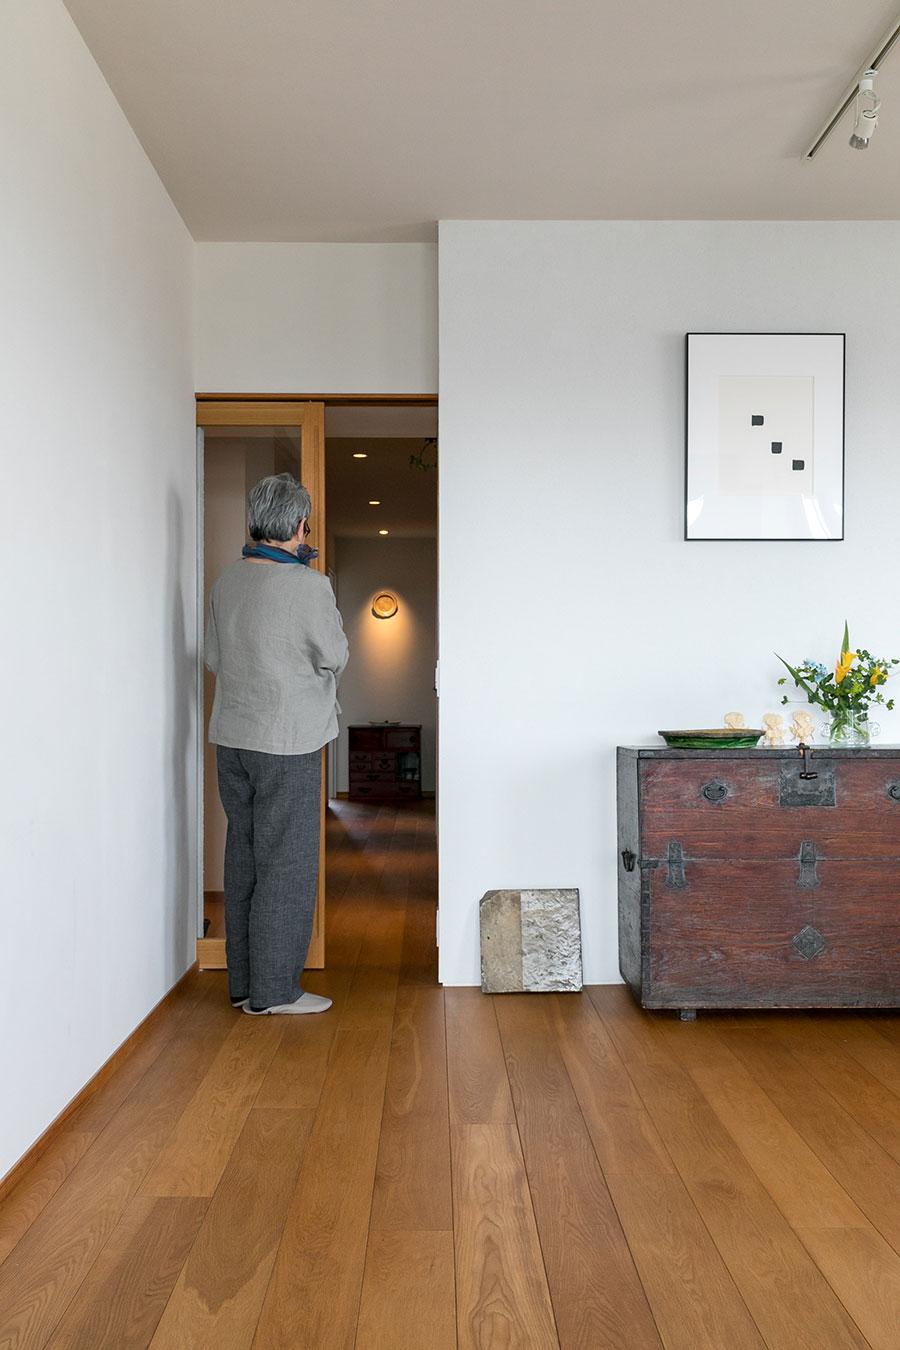 廊下の先の和箪笥のコーナーが見えるように、ガラスの引き戸に。床はオーク材。